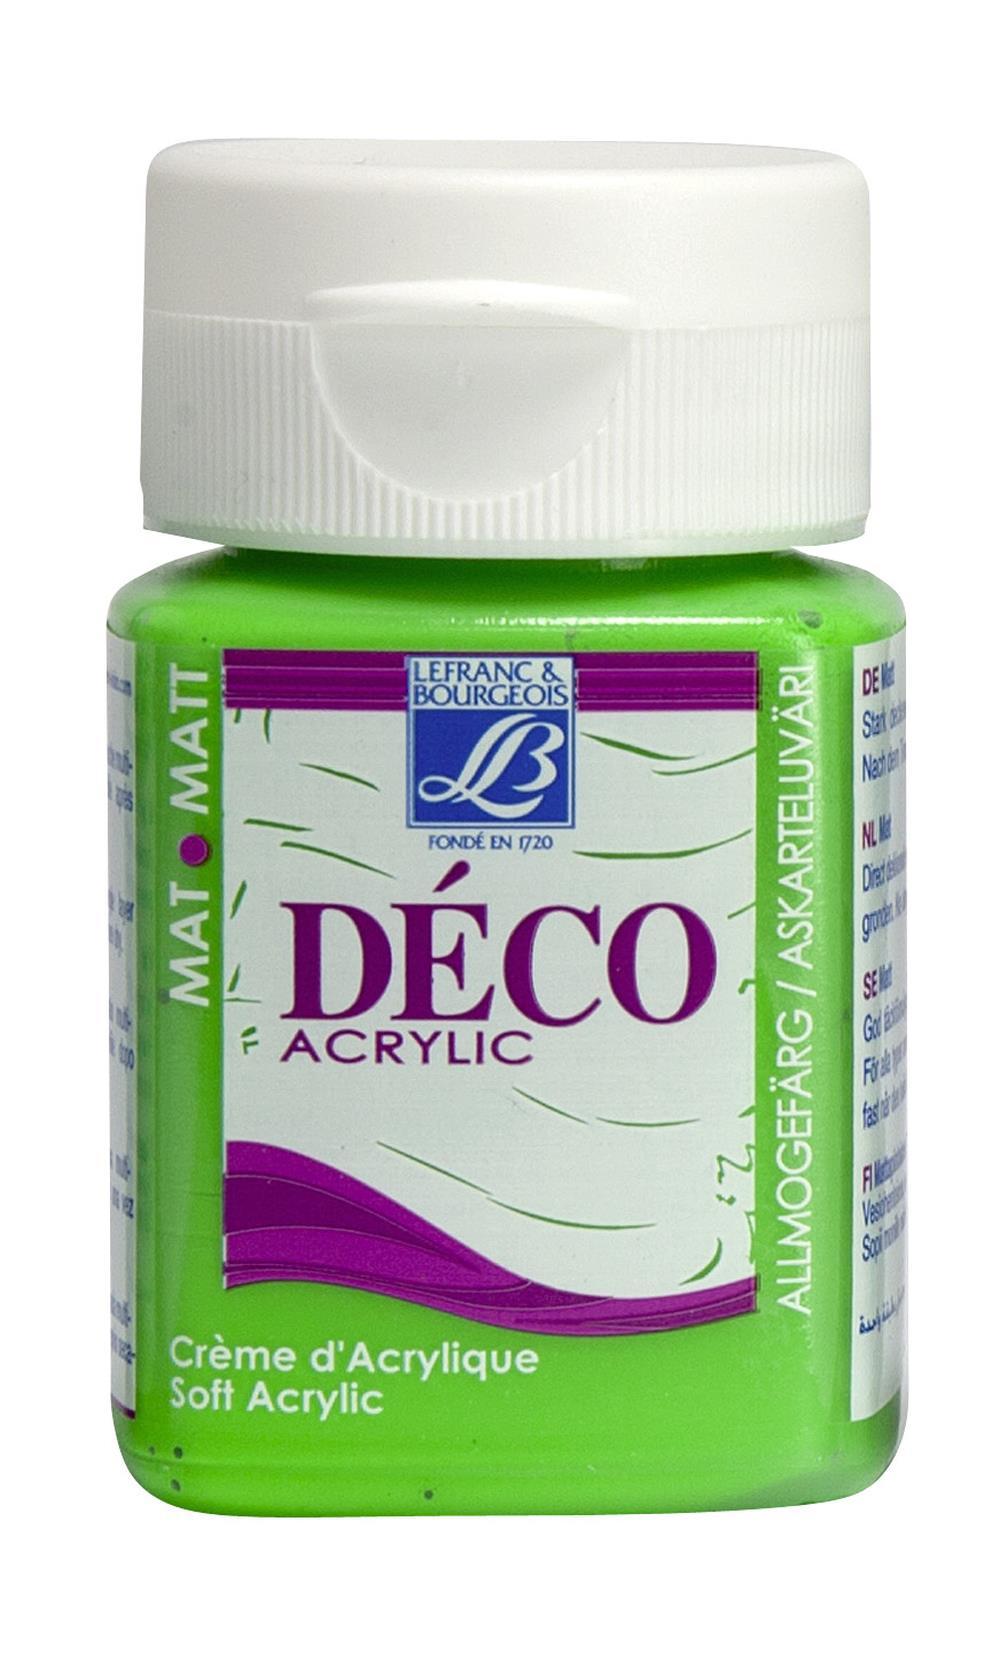 Hobbyfärg L&B Deco Matt Akryl 50ml Fluo green warm 565 (4F) Utgår